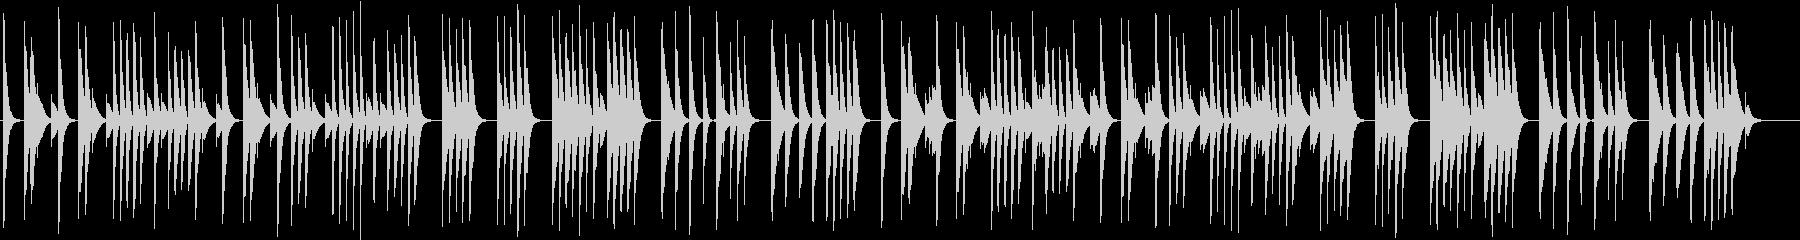 木琴で作ったコミカルで短い曲の未再生の波形